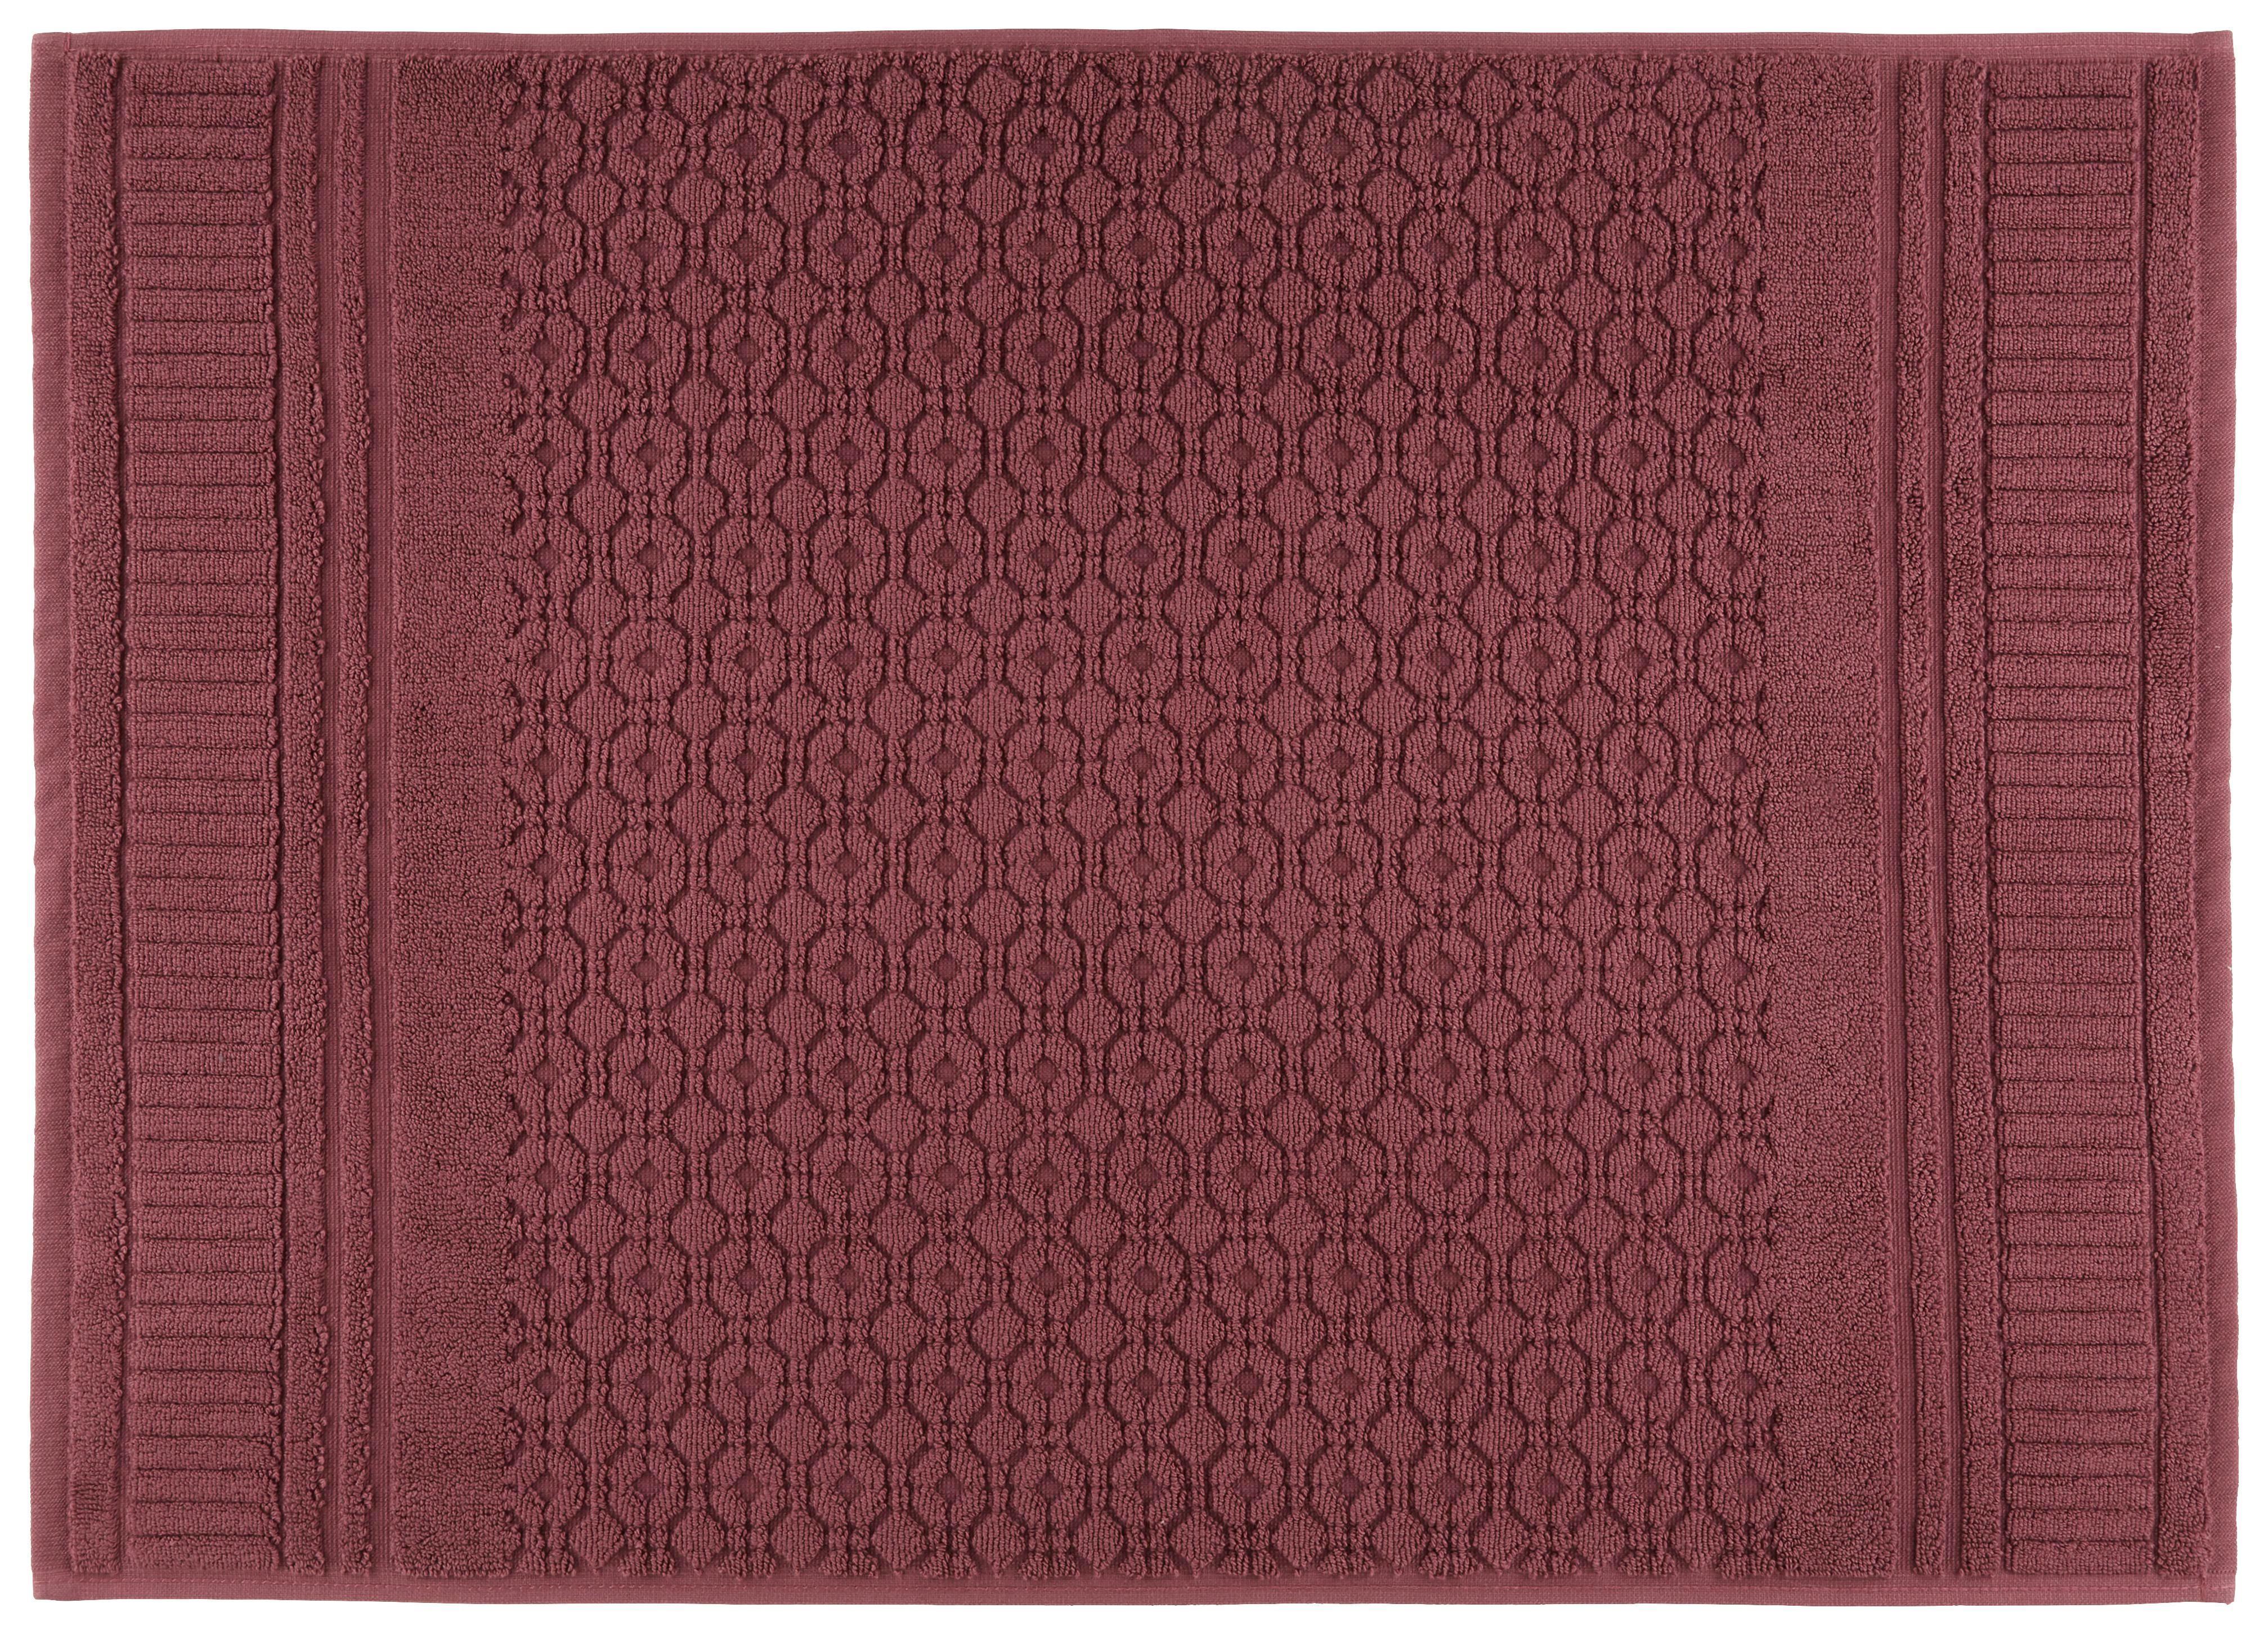 Fürdőszoba Szőnyeg Carnia - lila, romantikus/Landhaus, textil (50/70cm) - MÖMAX modern living